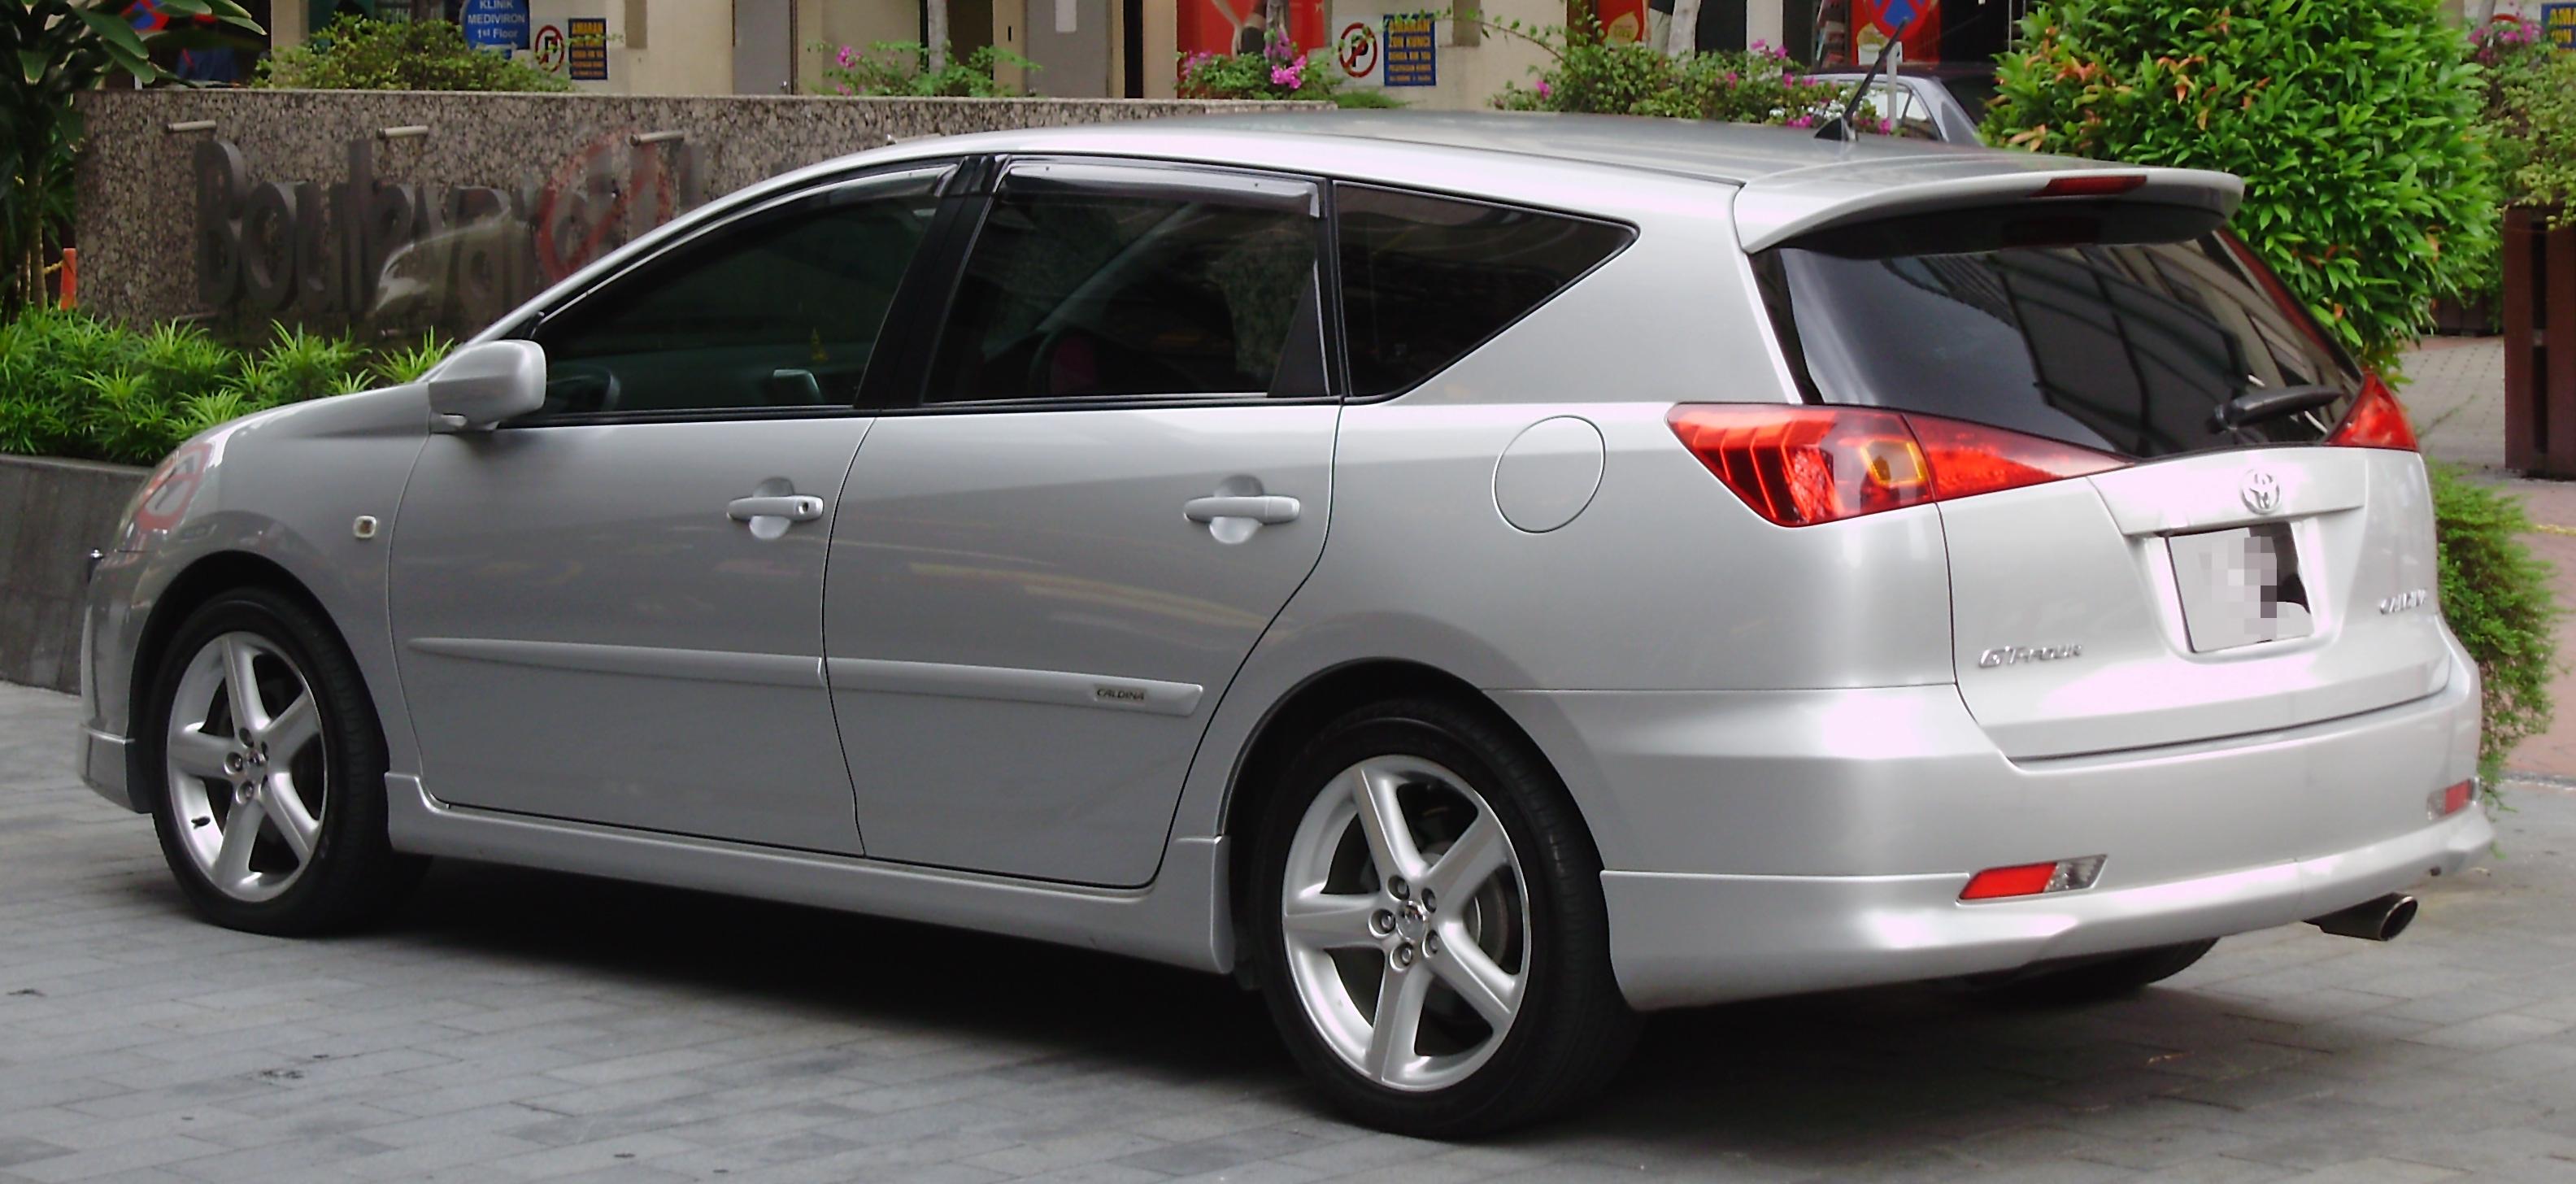 Kelebihan Toyota Caldina Review